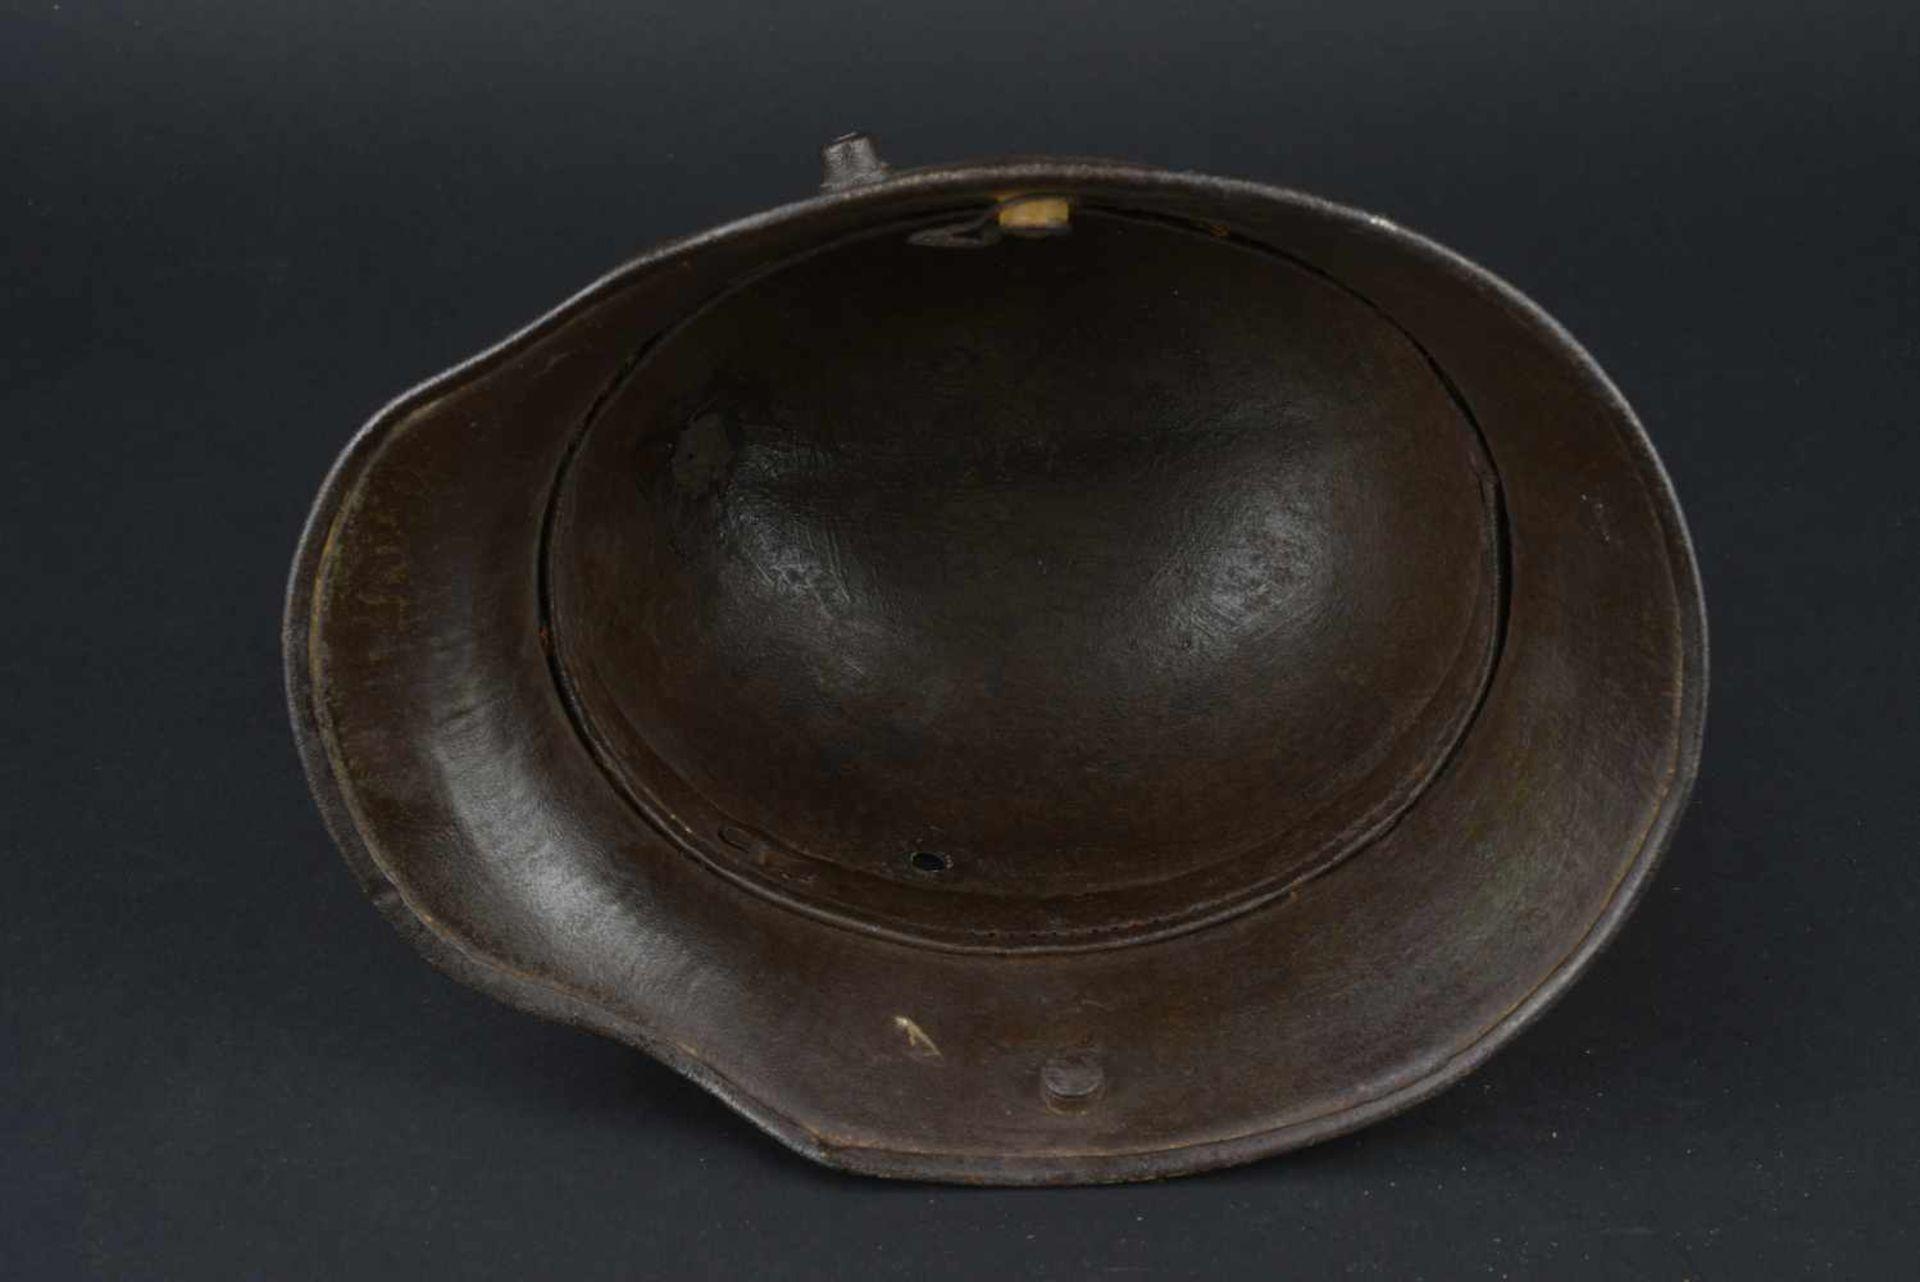 Los 33 - Coque de casque modèle 16 camouflé Coque de casque en métal, modèle 16, fabrication BF 64. Reste